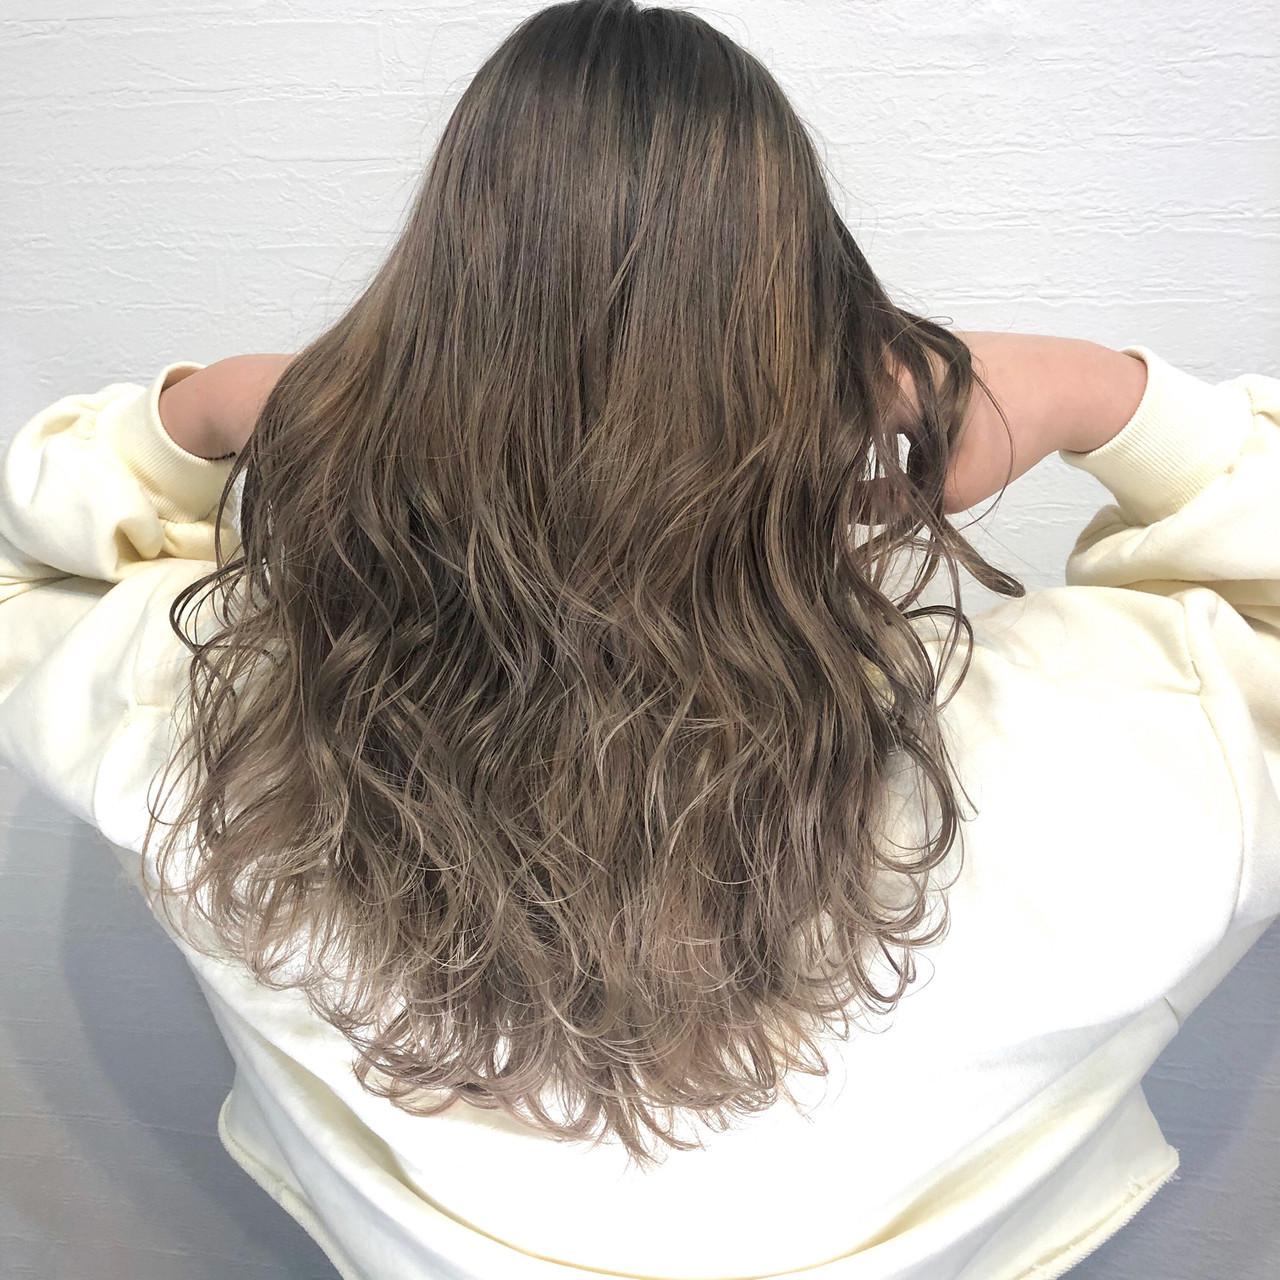 エレガント コテ巻き ミルクティー ロング ヘアスタイルや髪型の写真・画像